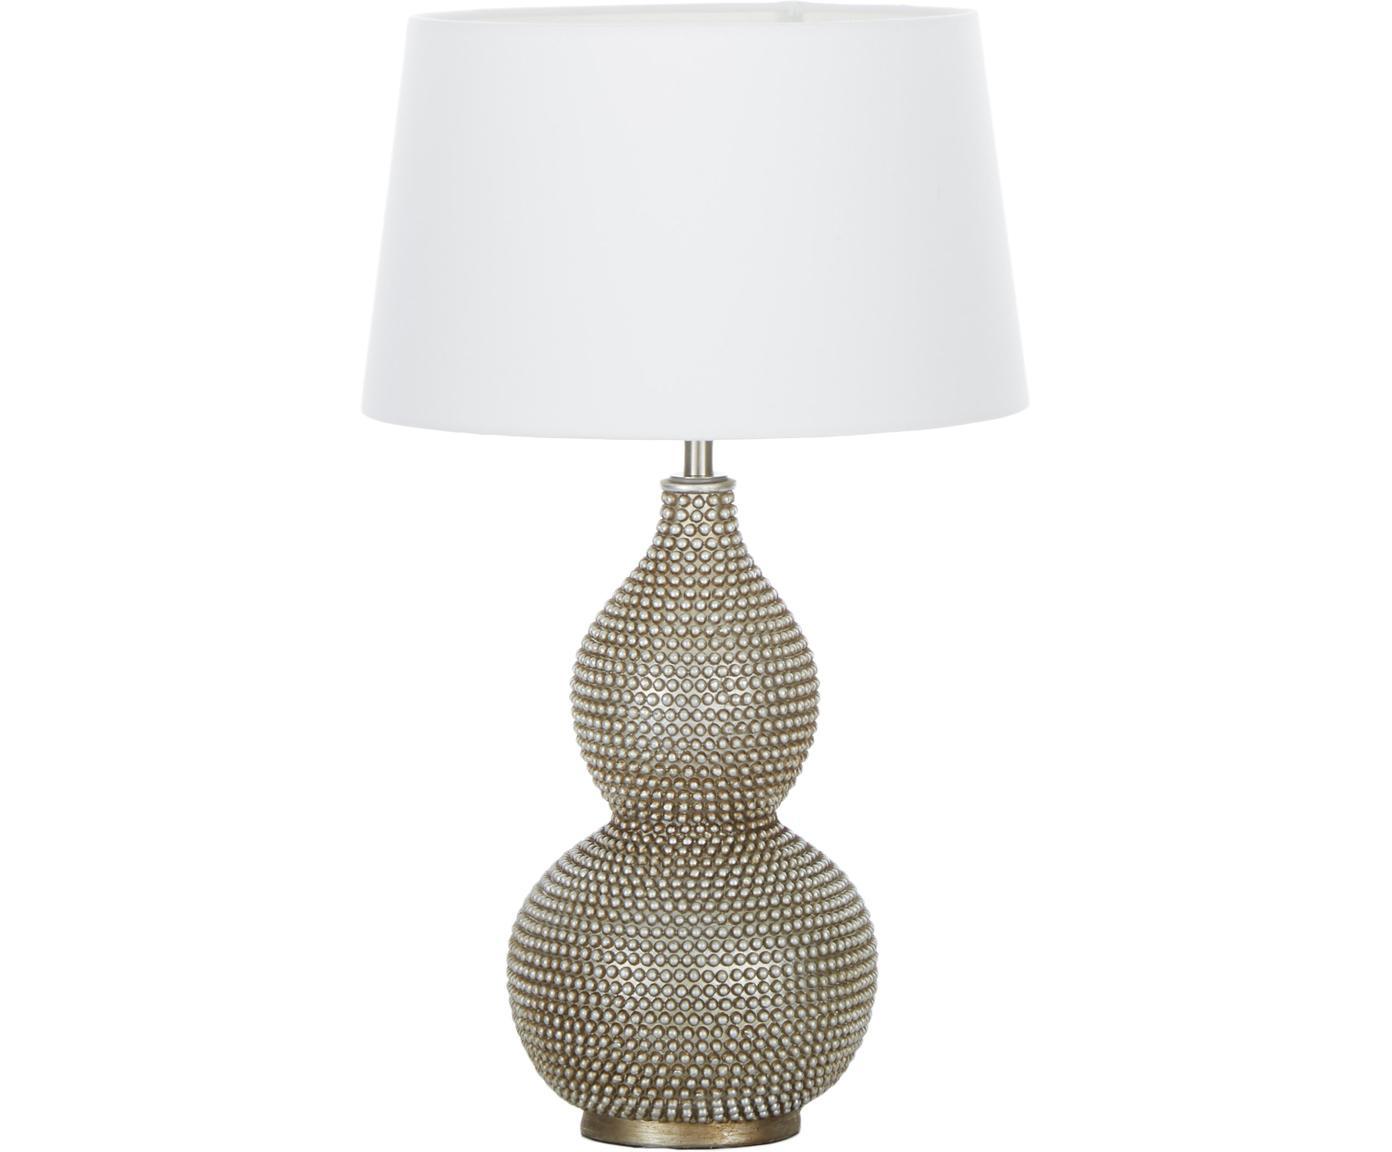 Boho-Tischleuchte Lofty, Lampenfuß: Metall, beschichtet, Lampenschirm: Polyester, Weiß, Ø 33 x H 58 cm